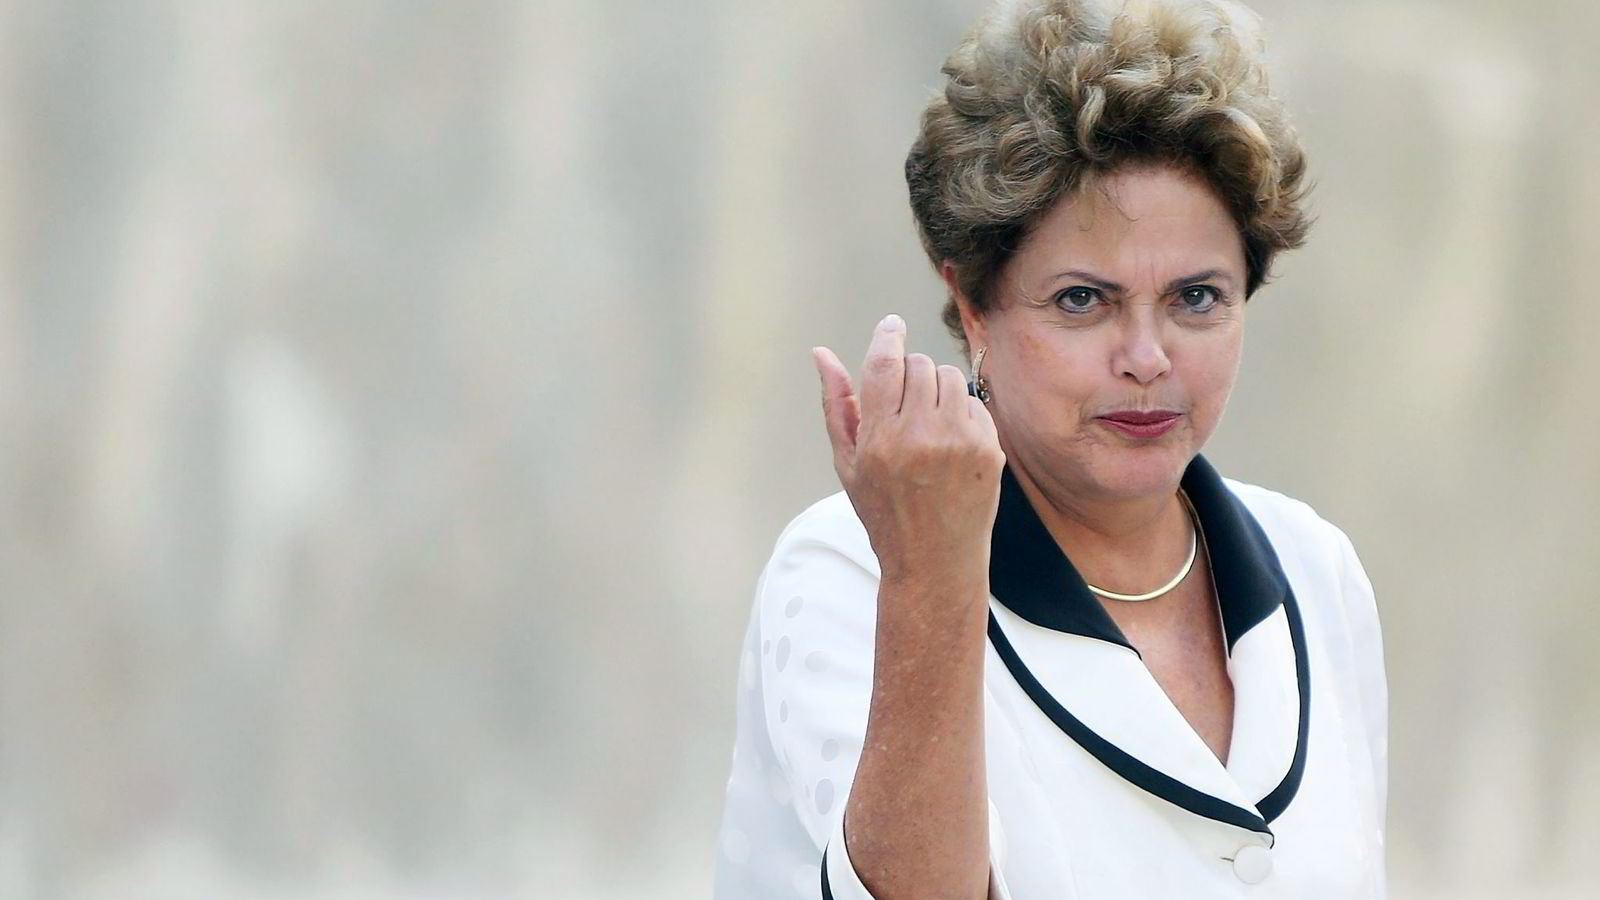 Brasils president Dilma Rousseff er i hardt vær på grunn av korrupsjonsskandalen i oljeselskapet Petrobras. Hun var styreleder i Petrobras i syv år.               Foto: Mario Tama/